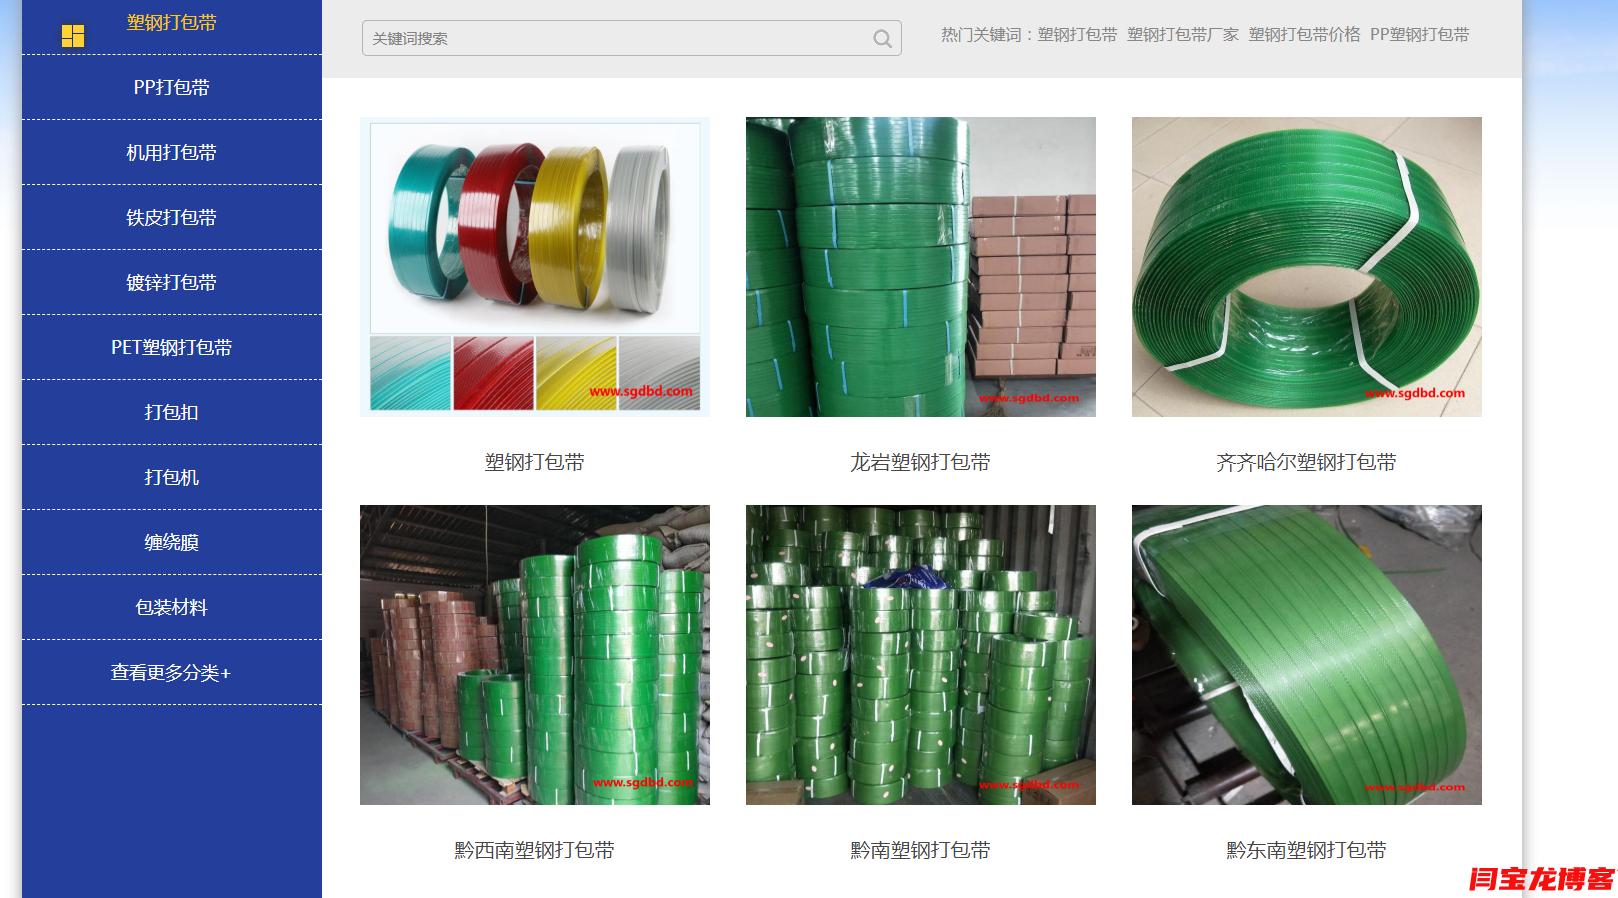 西安塑钢打包带厂营销网站上线